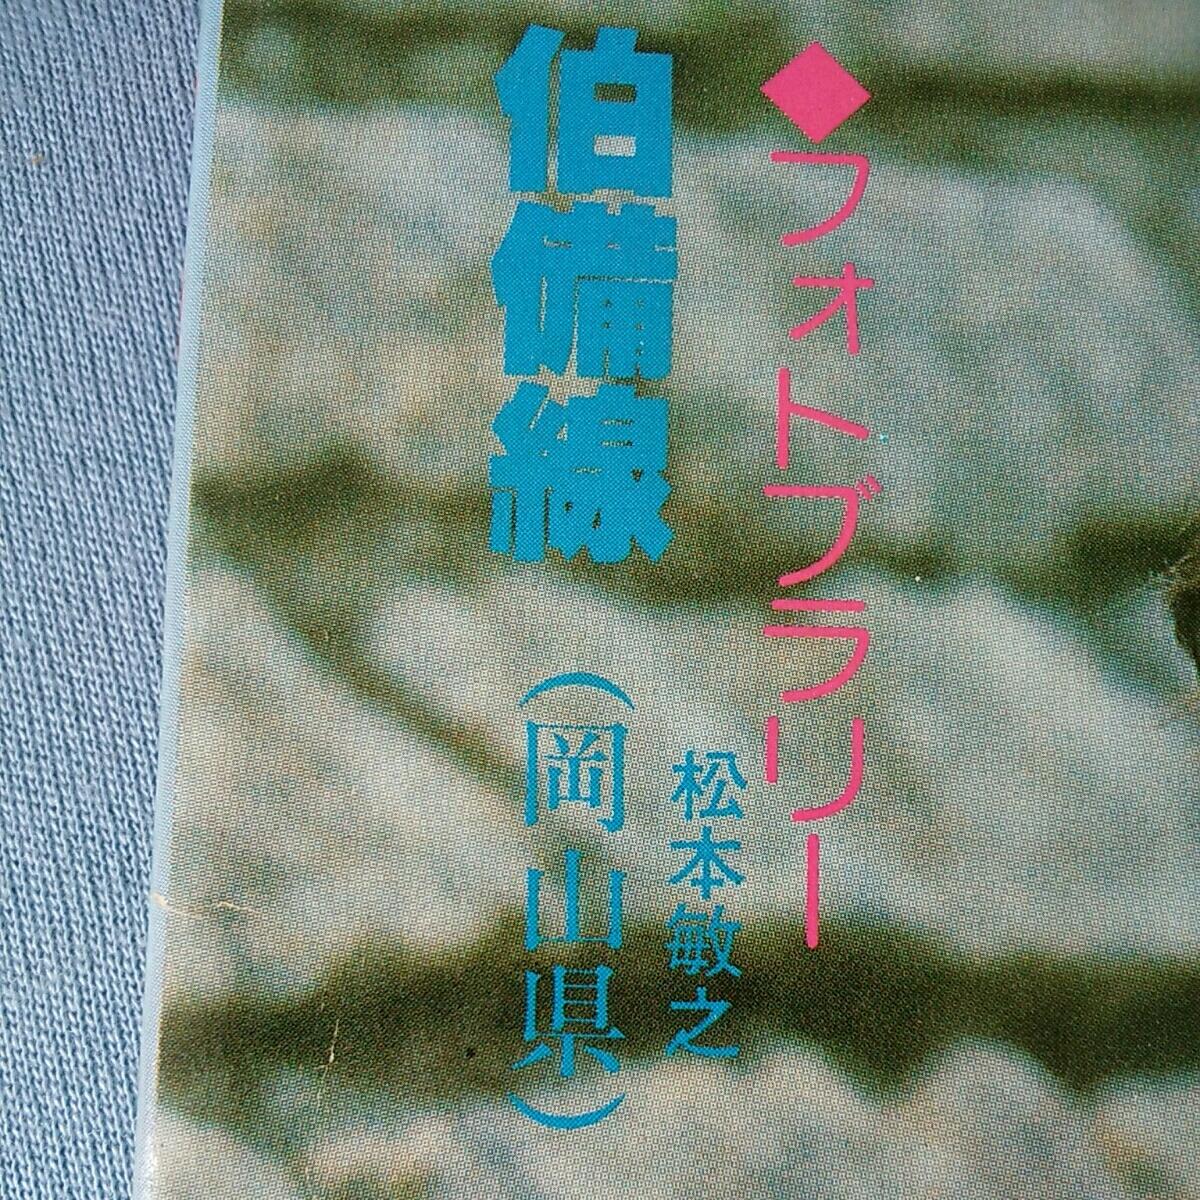 【全国送料無料】月刊カメラマン 1979年(昭和54年)11月号 表紙 能勢慶子 沢田聖子 浅野ゆう子 _画像5